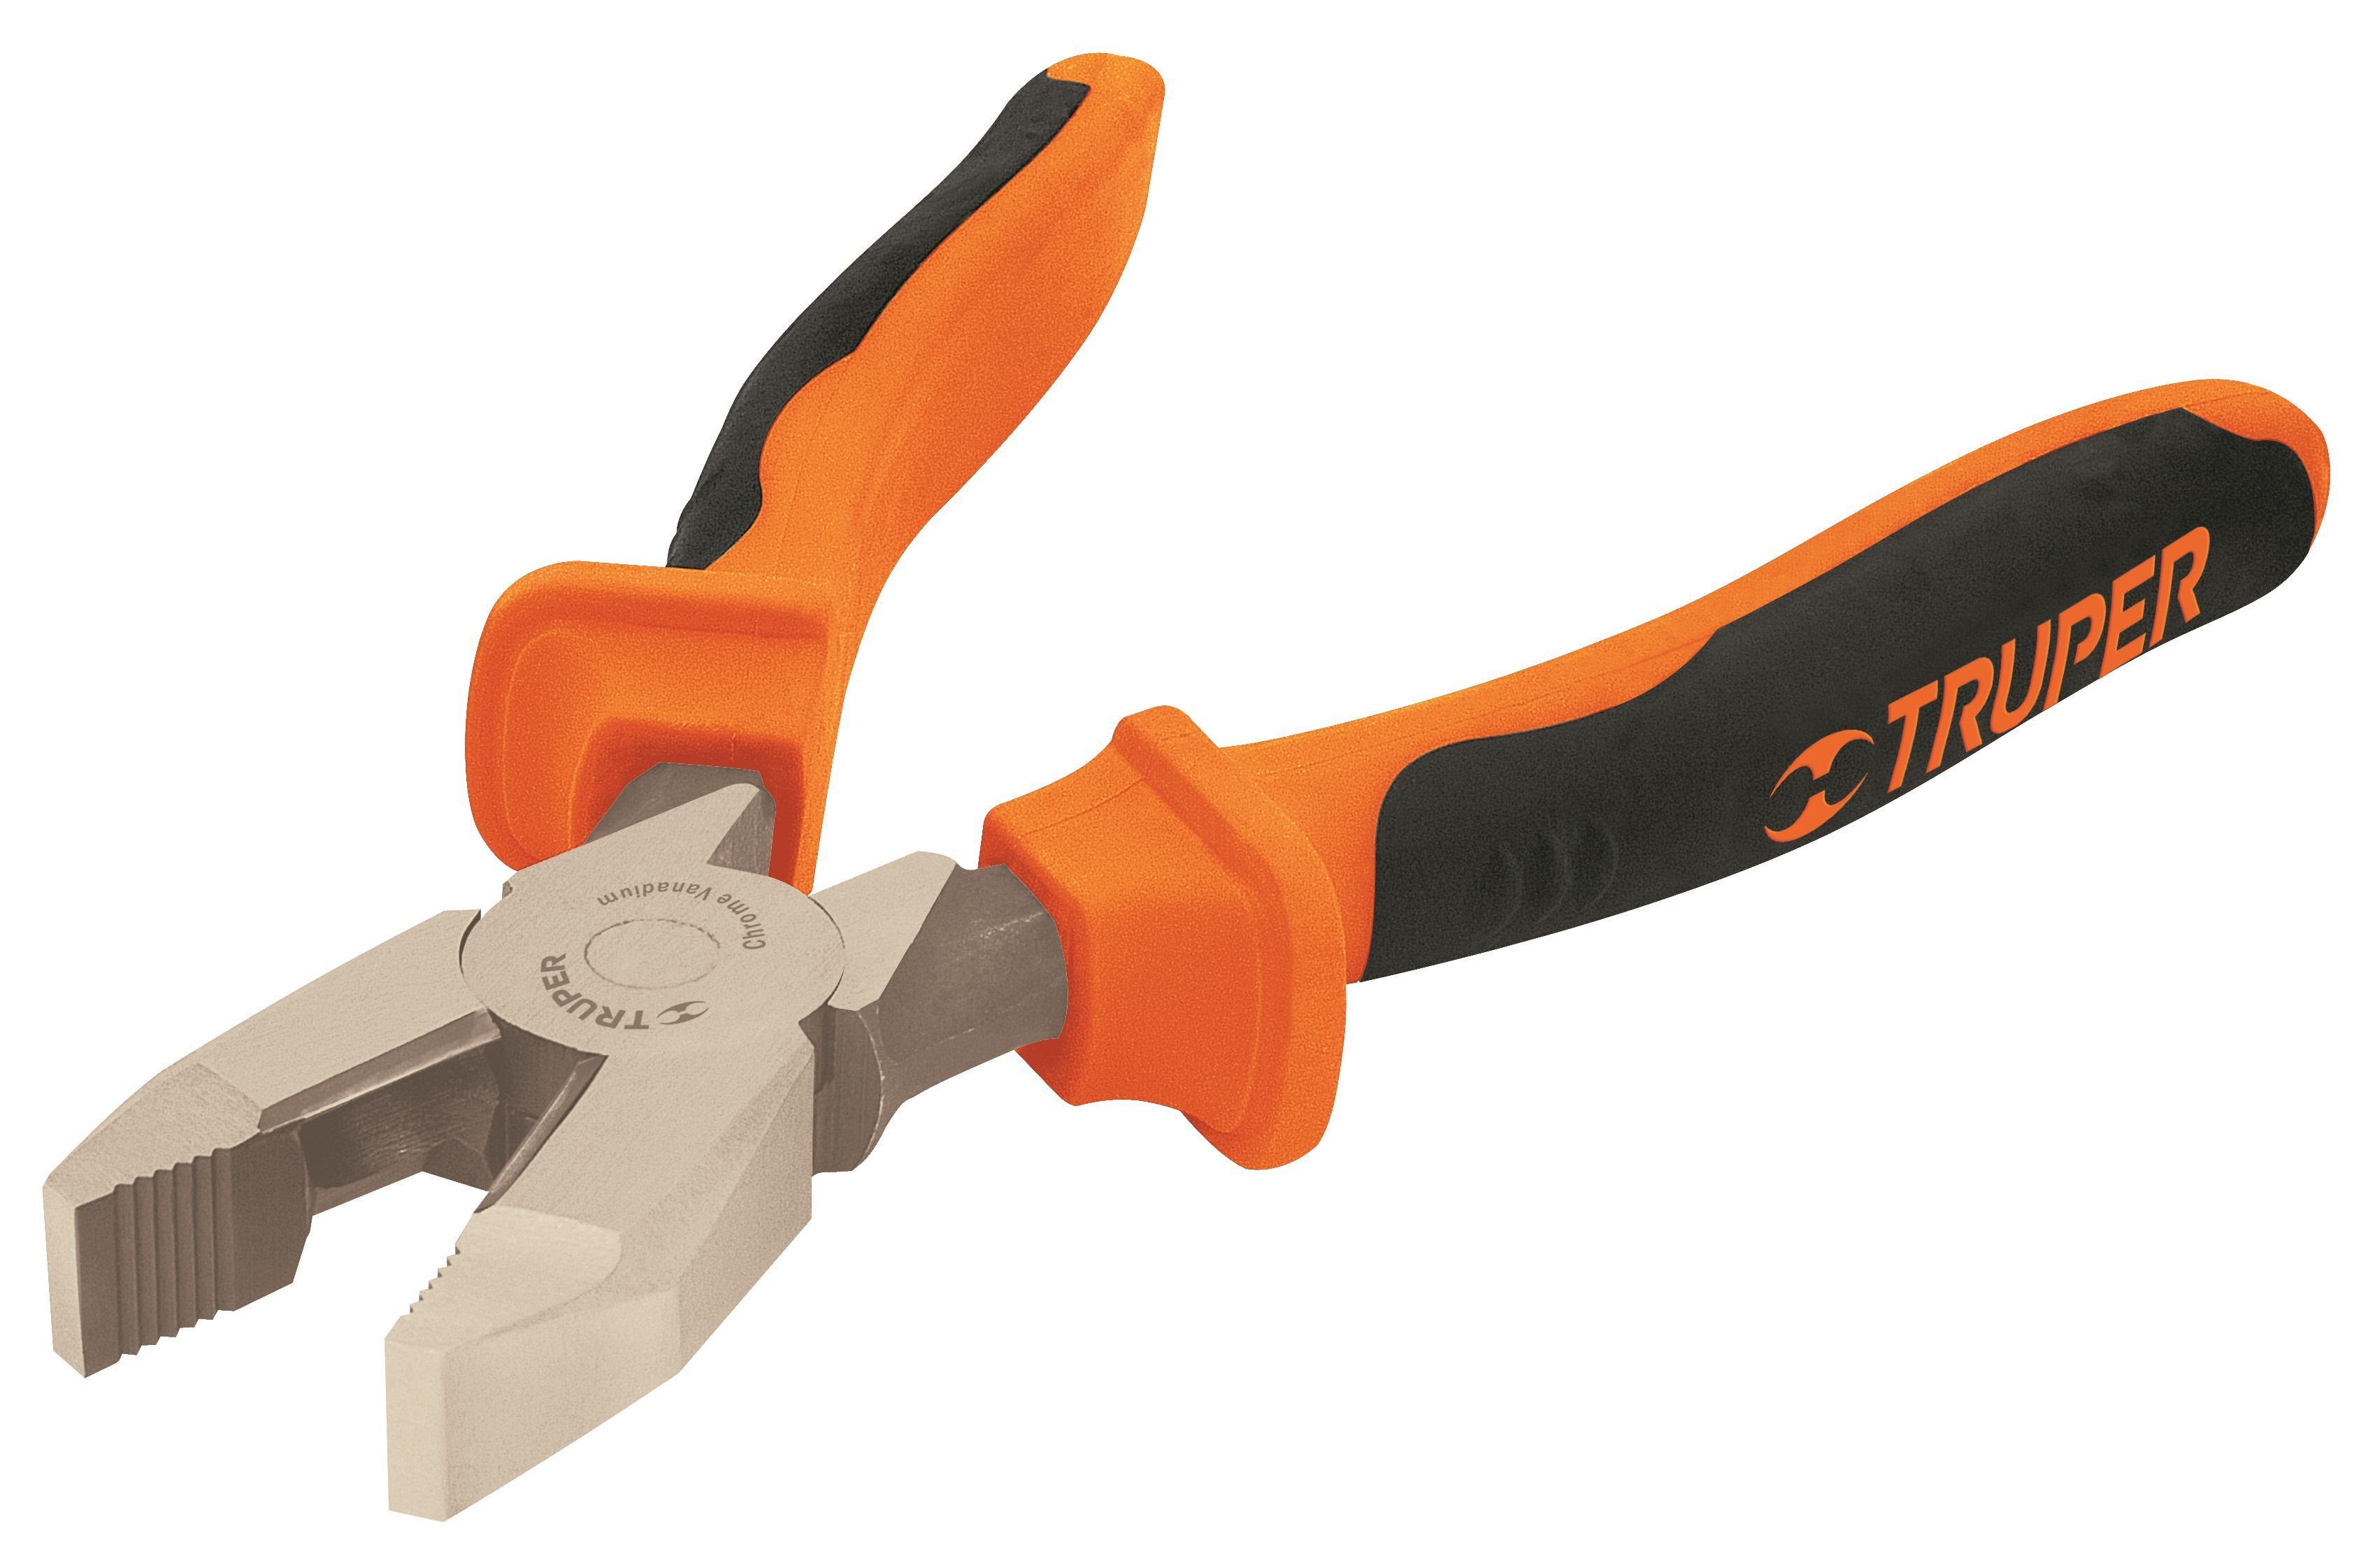 Плоскогубцы диэлектрические Truper T200-8x 12350 ножницы для живой изгороди 10 truper tb 17 31476